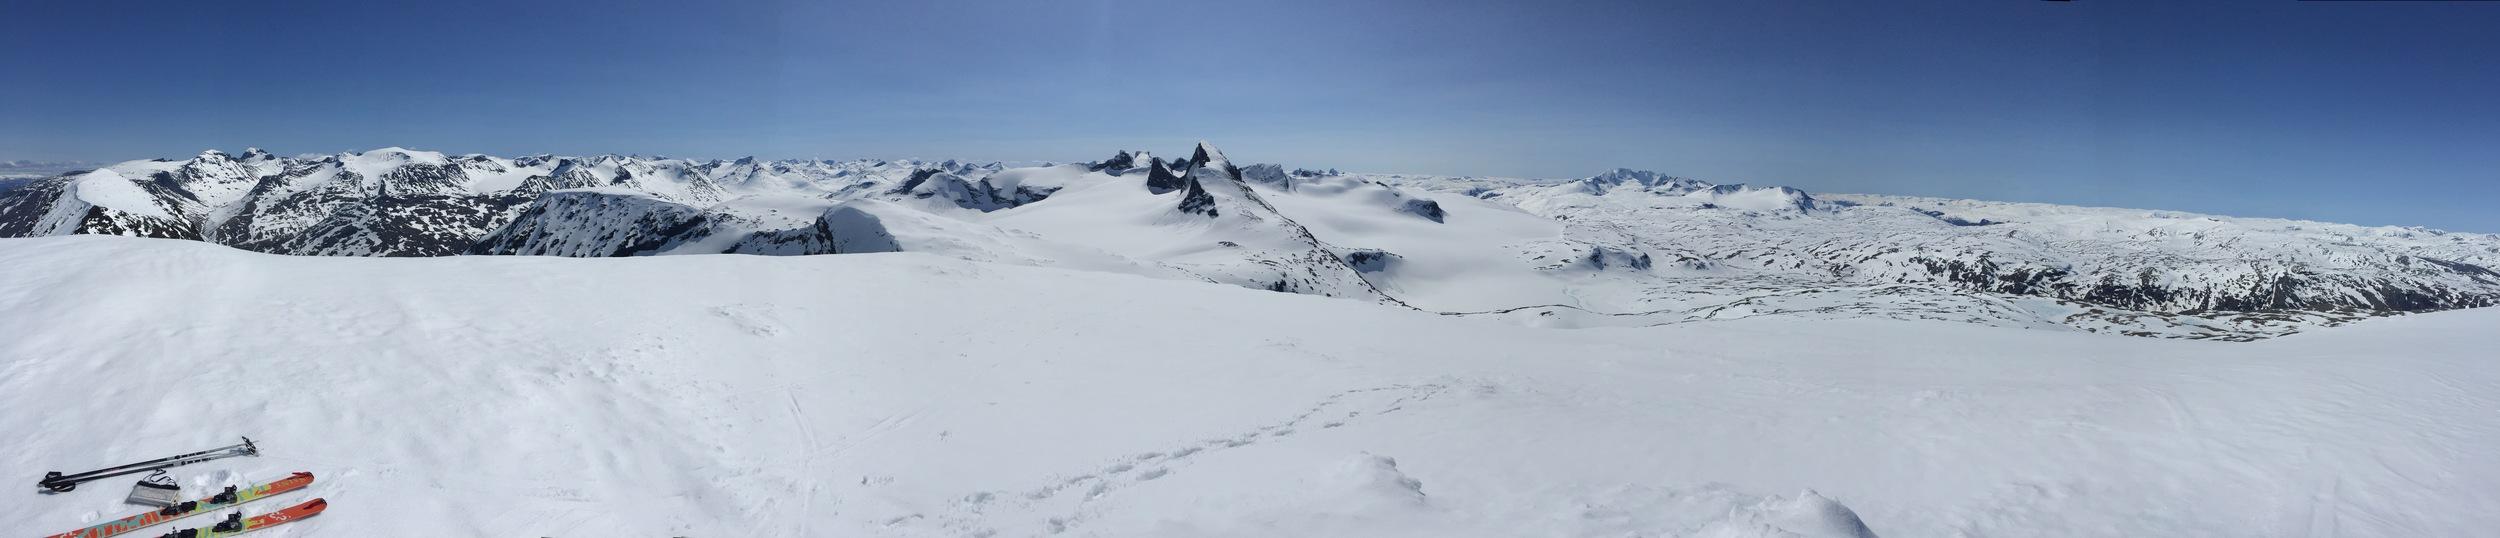 Utsikten fra toppen av Veslbreatinden:Galdhøpiggen, Leirdalen og Kyrkja, Smørstabbtindene, Horrungane og Fanaråken